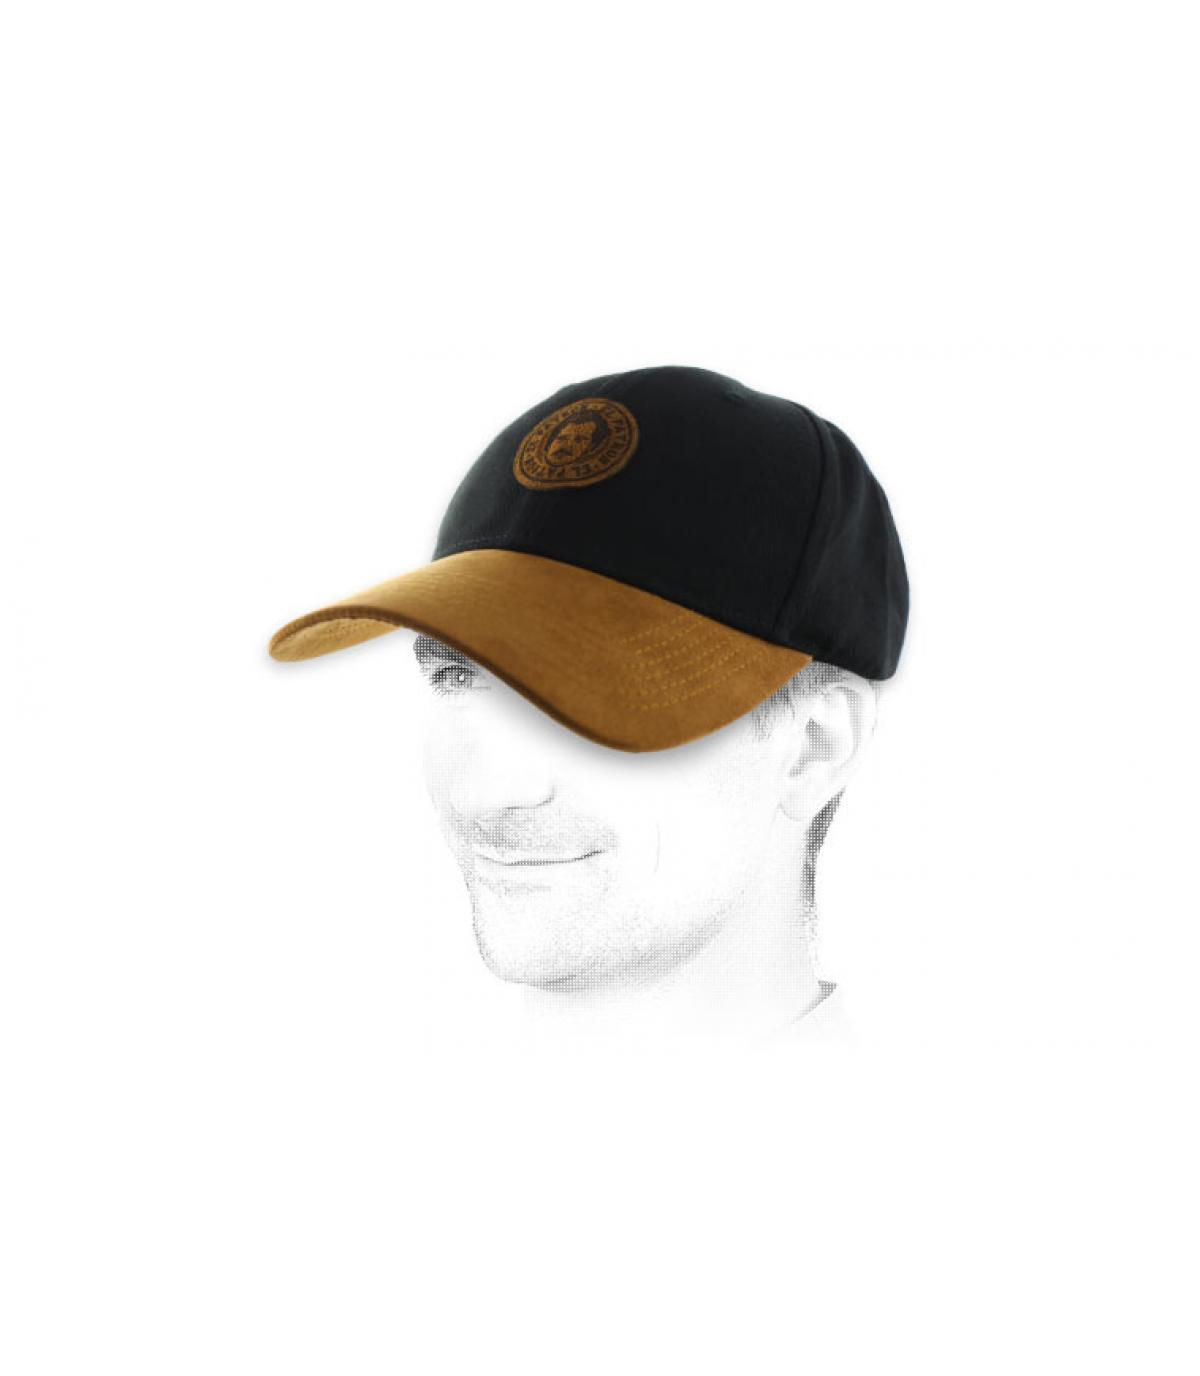 Pablo zwarte suede cap